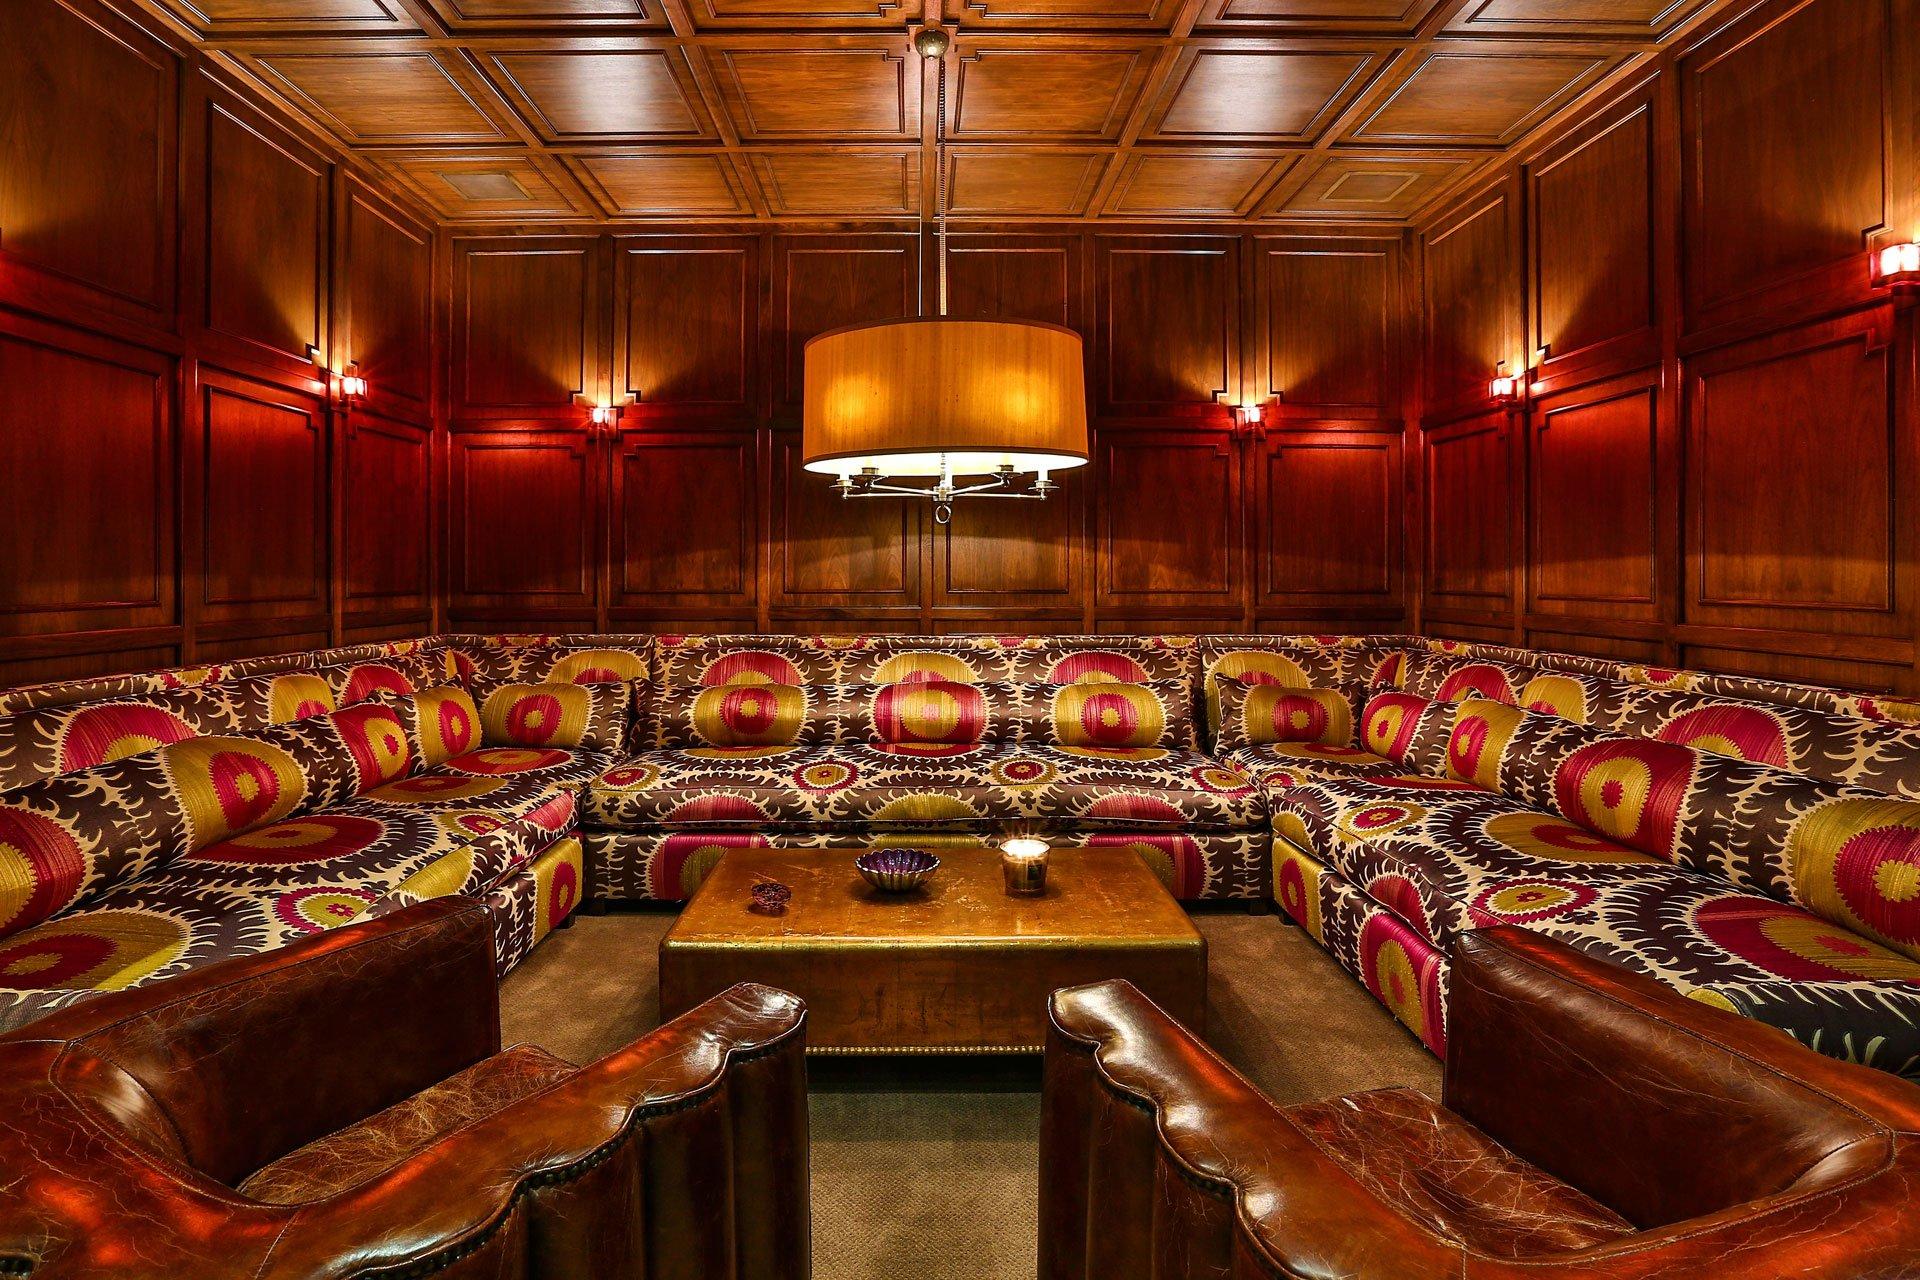 En el subsuelo existe un lugar exclusivo: el pub. Allí se disfrutan tragos en la tranquilidad del hogar